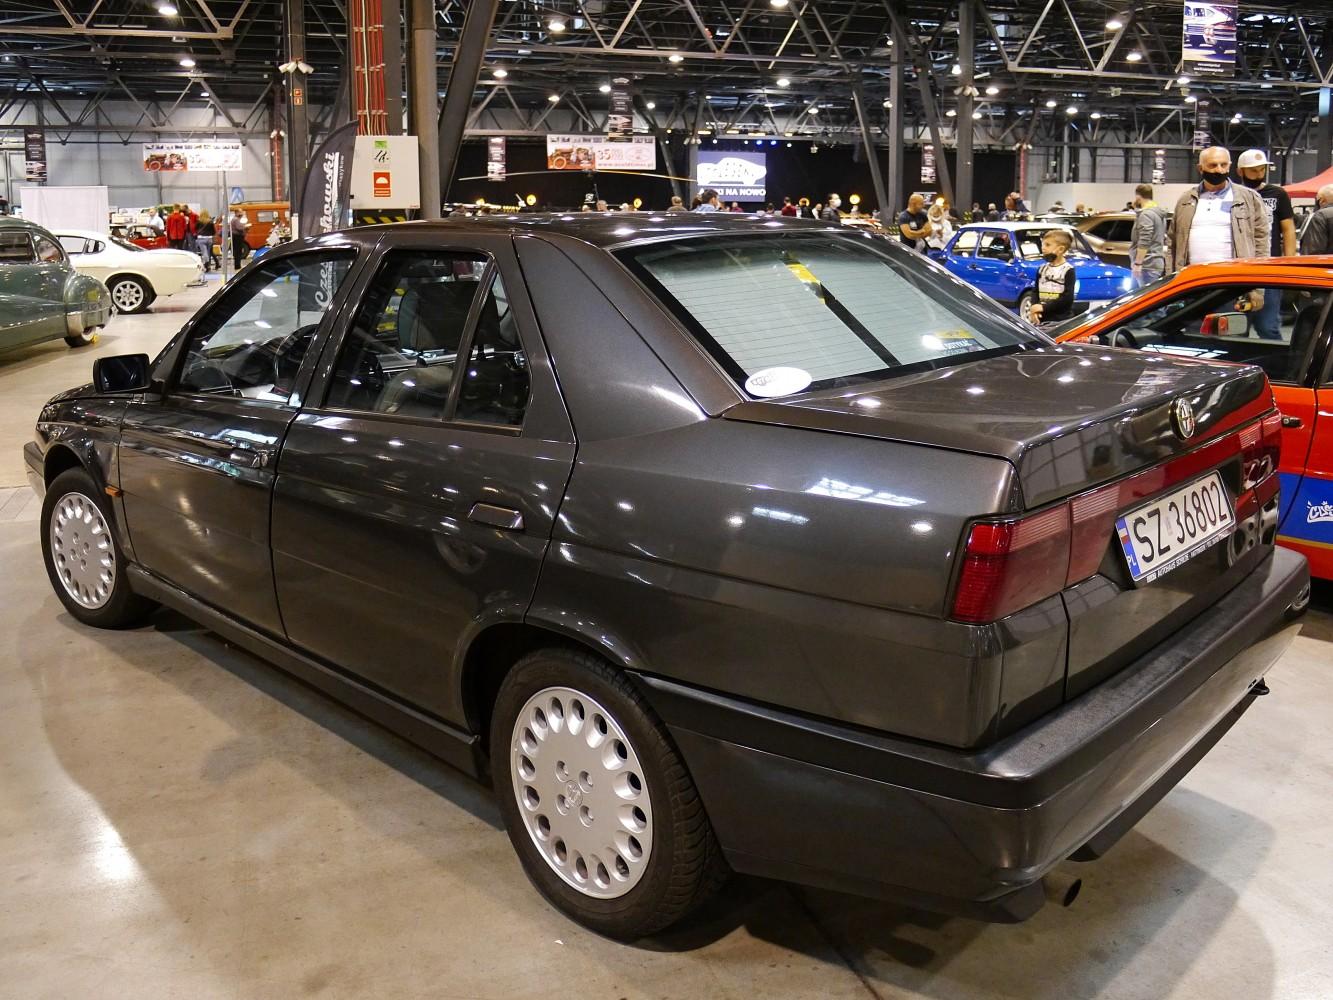 Kliknij obrazek, aby uzyskać większą wersję  Nazwa:Alfa Romeo 155 (3).jpg Wyświetleń:67 Rozmiar:379,2 KB ID:232414